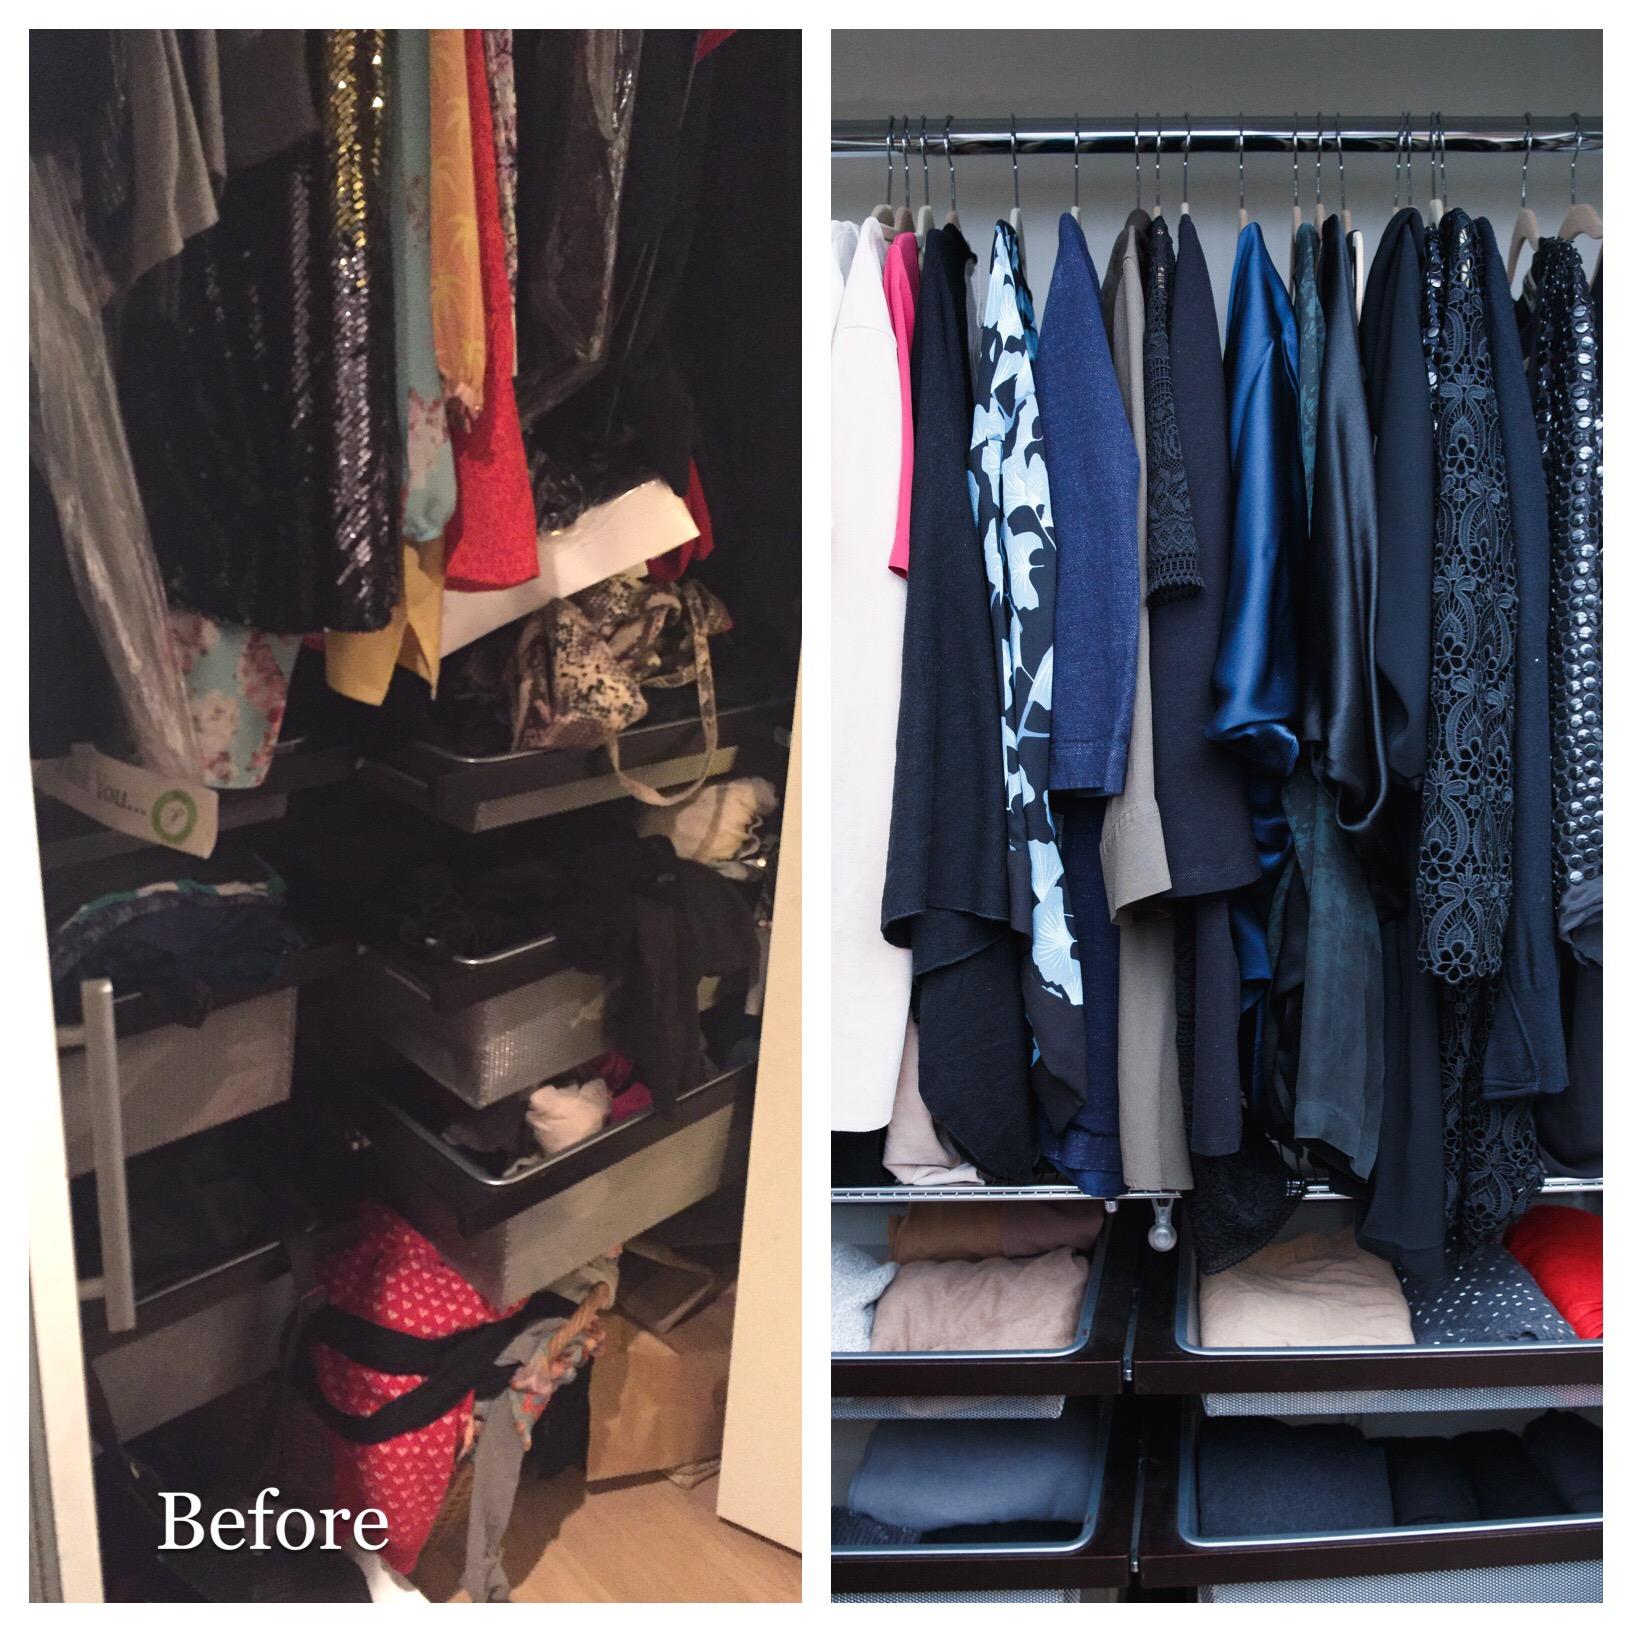 Brooke's Wardrobe